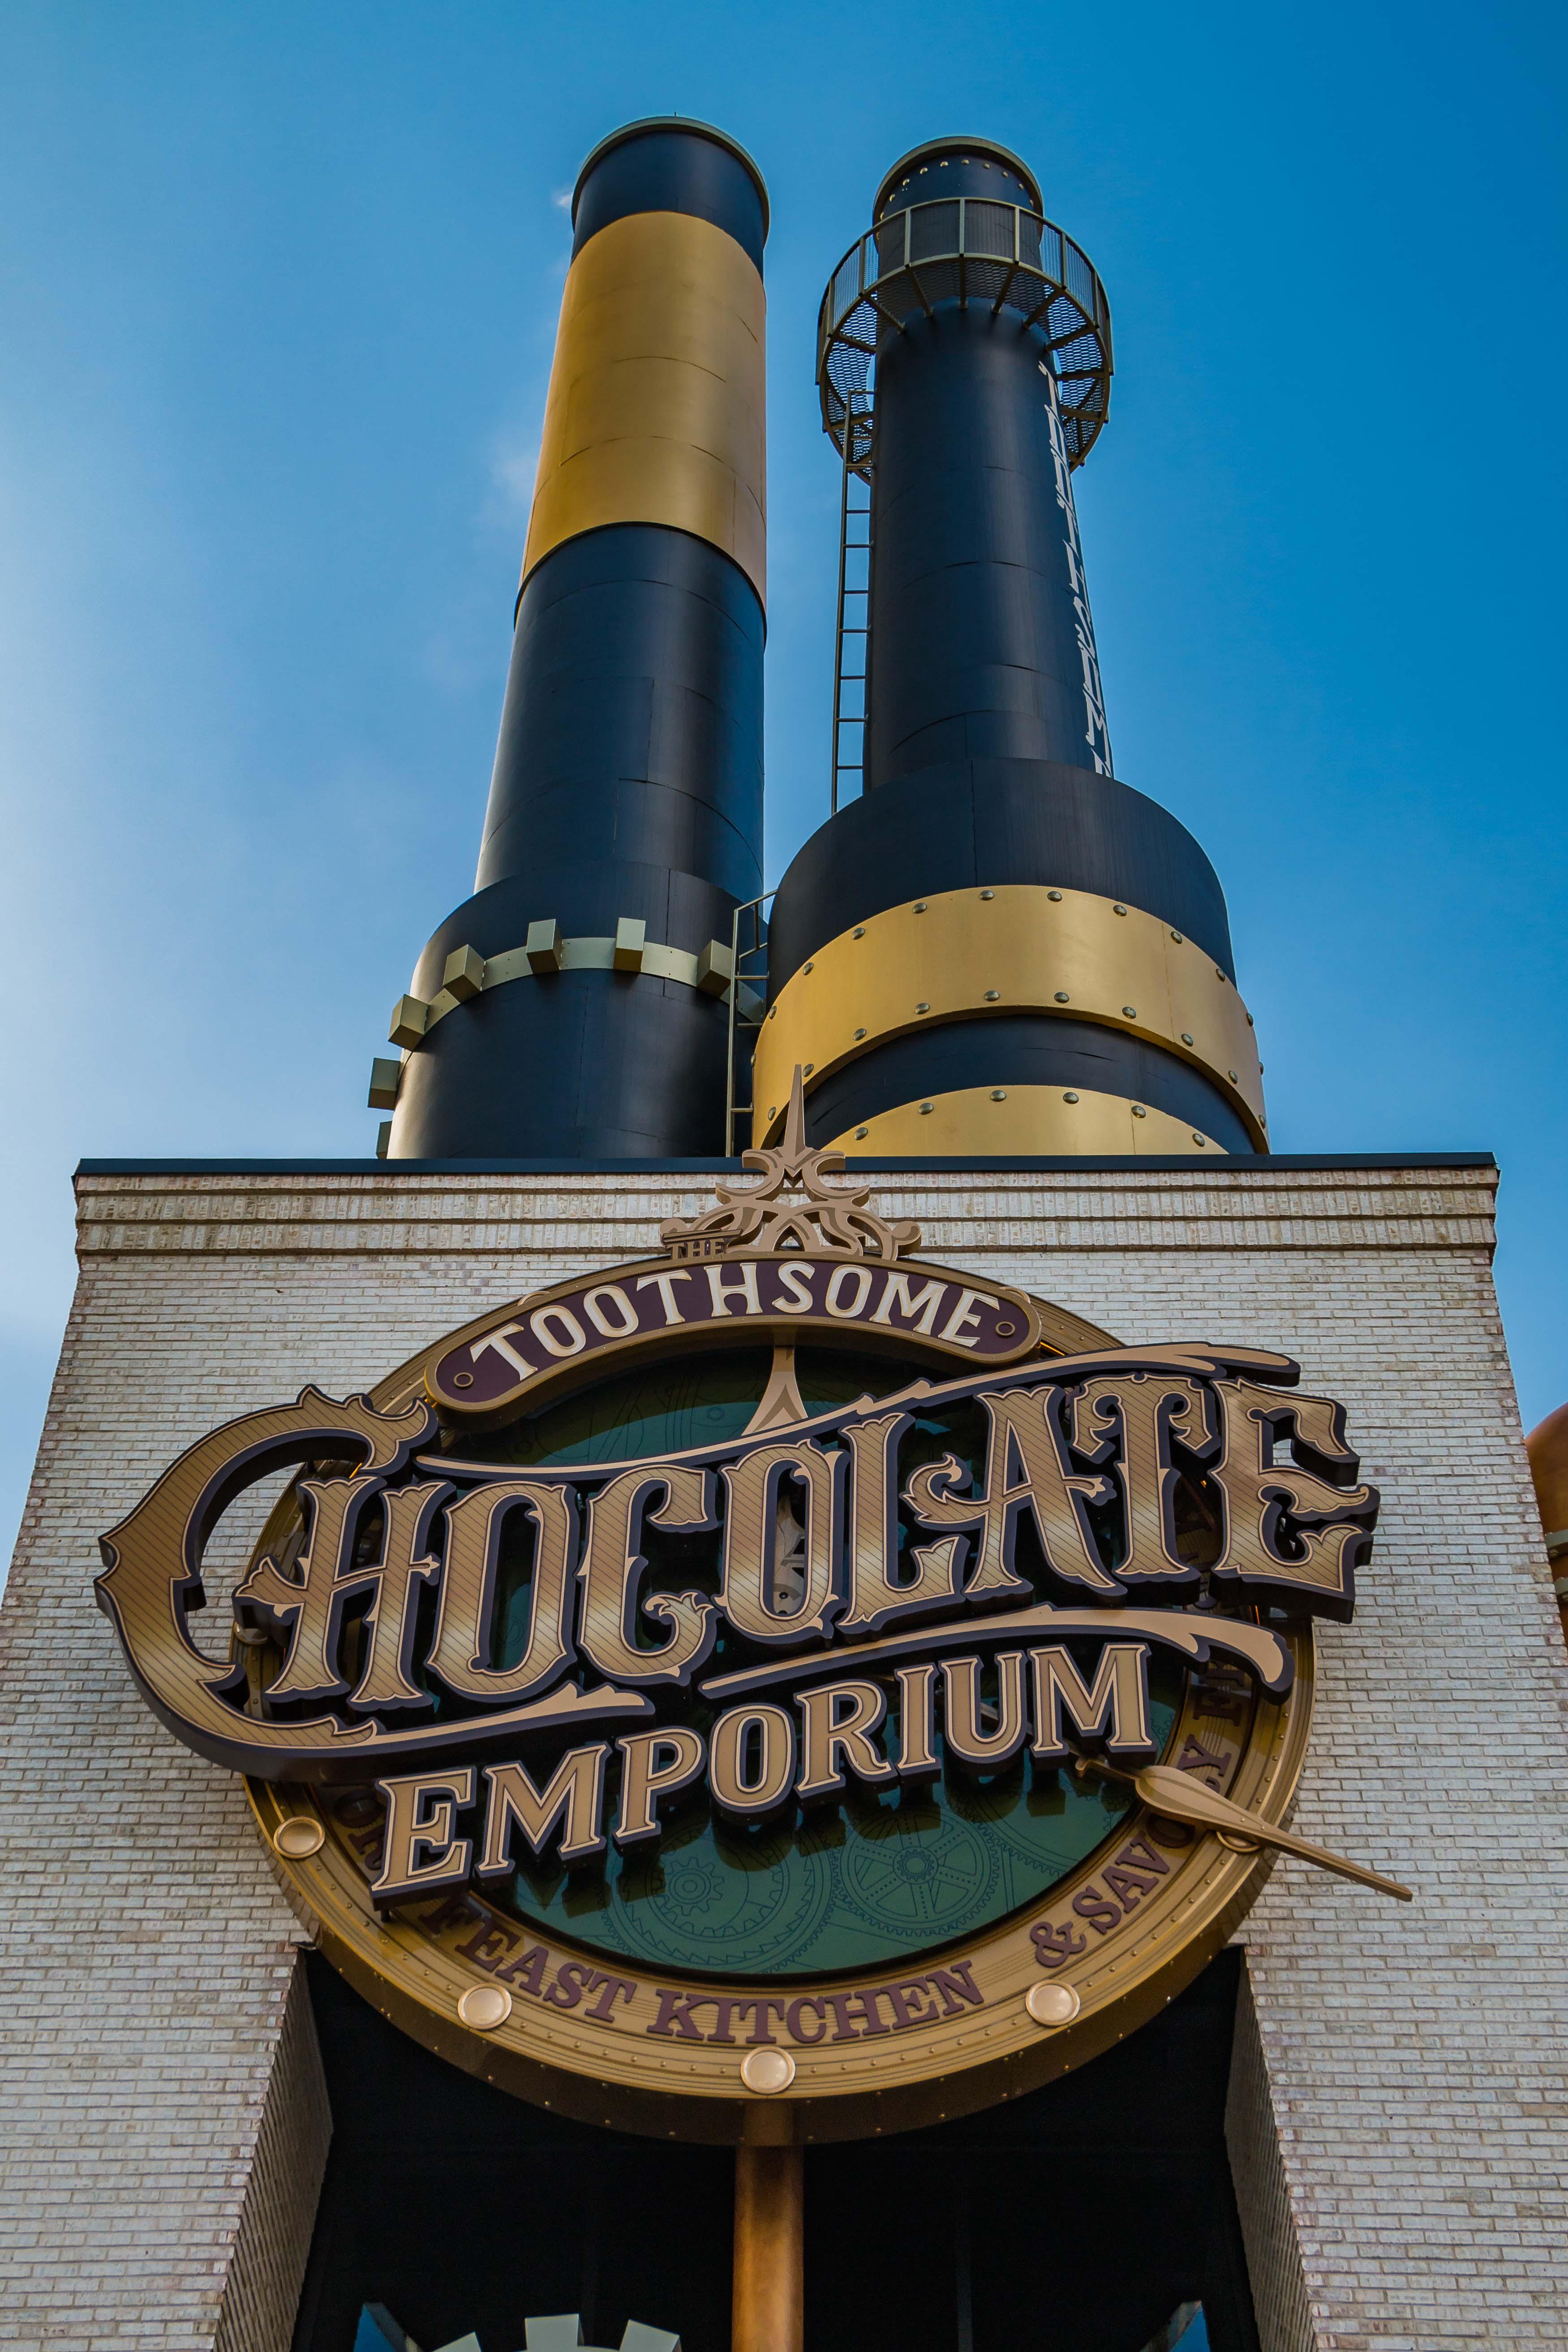 Toothsome Chocolate Emporium Universal Studios em Orlando nos EUA por Giuli Castro